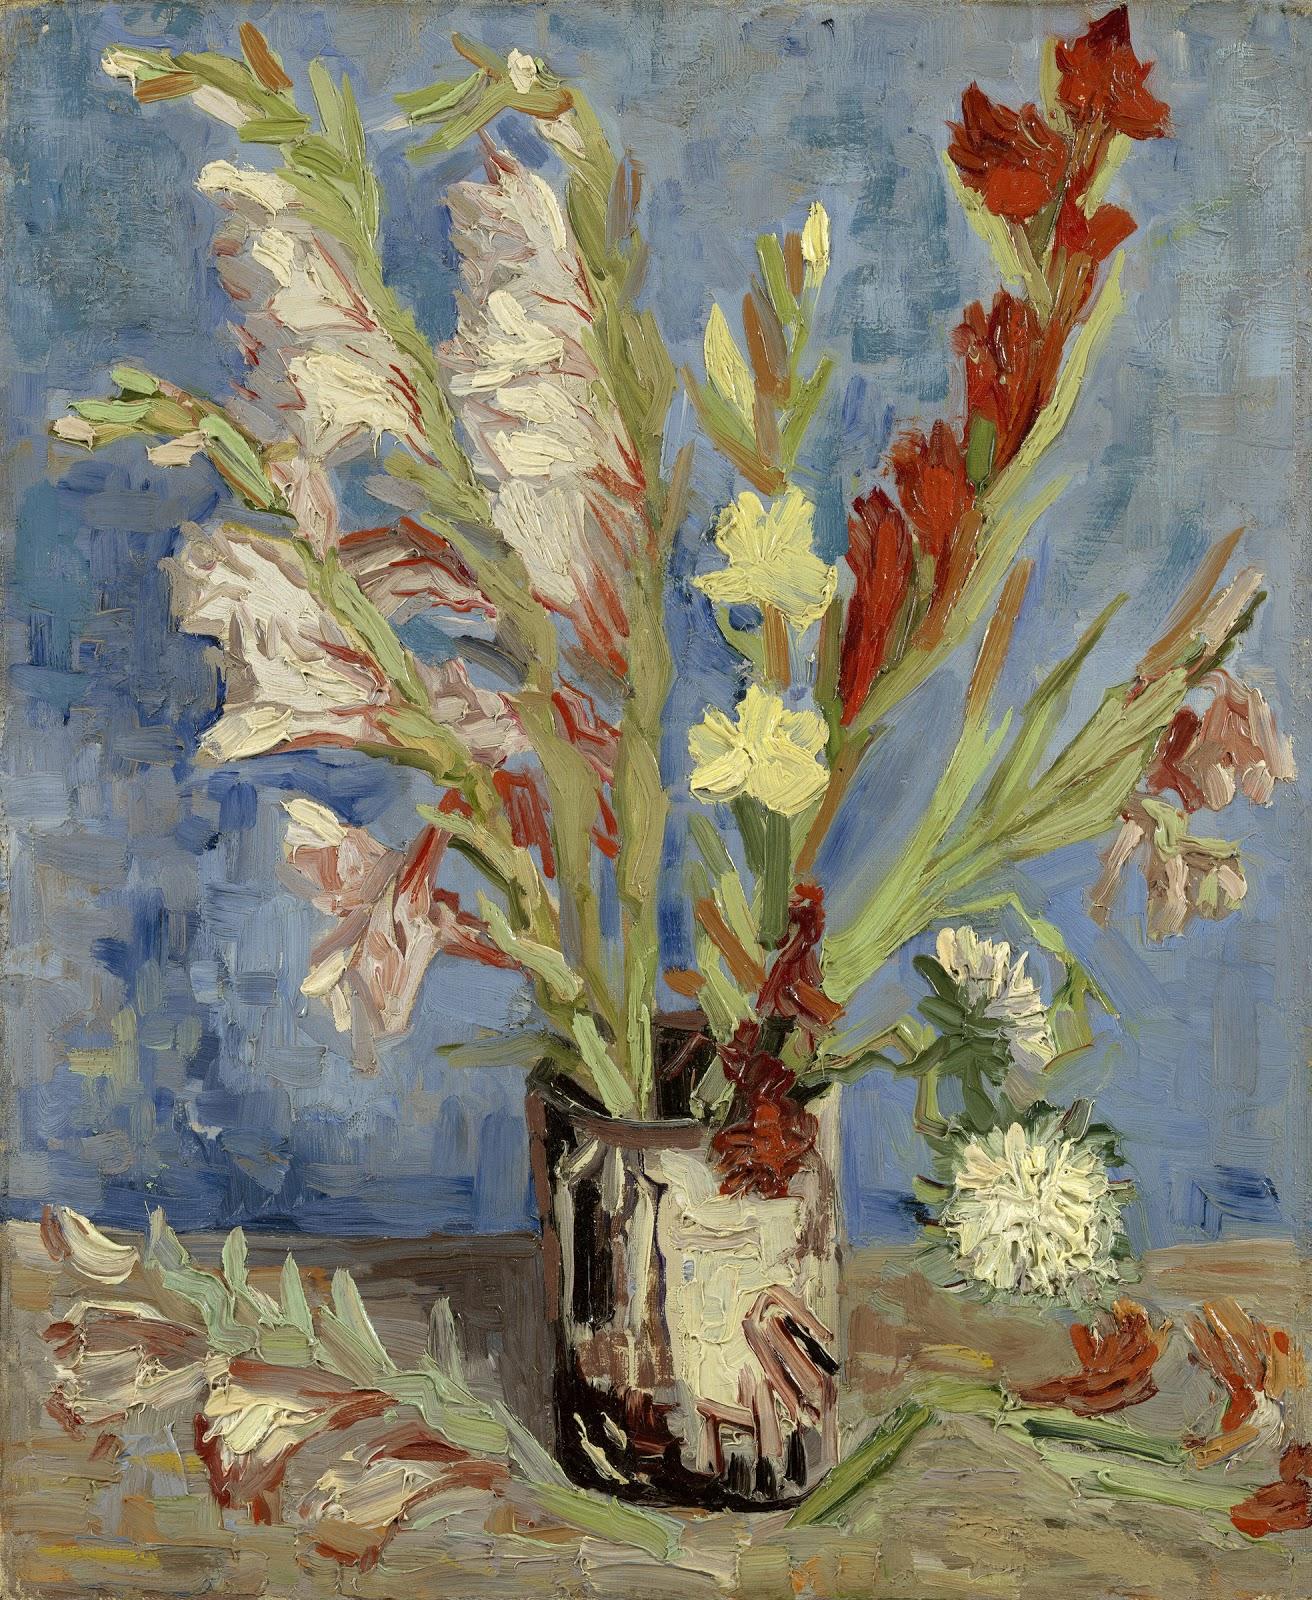 Van Gogh Paintings Vase With White